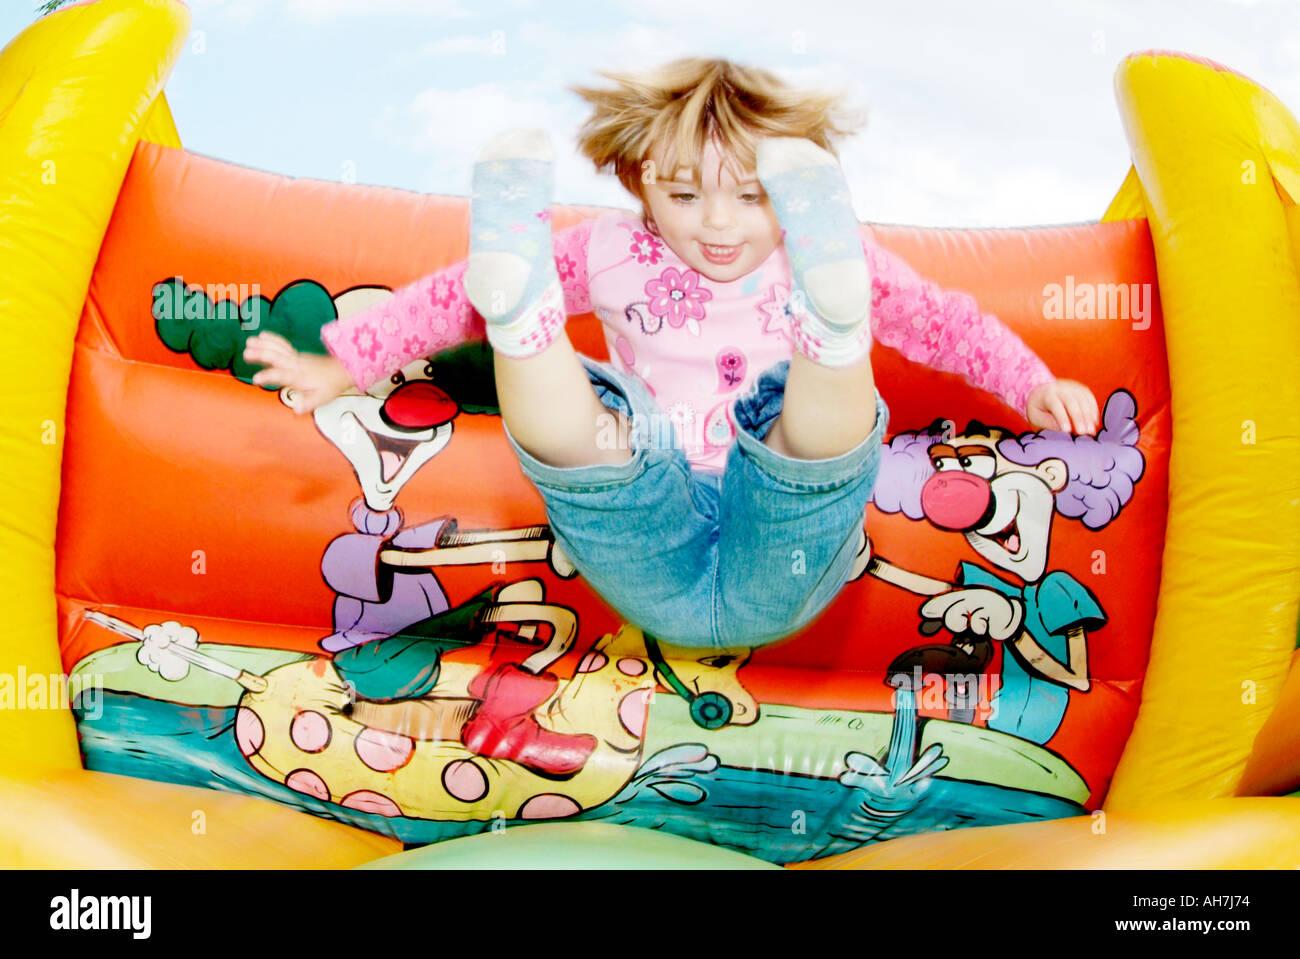 glückliches Kind spielt auf einer Hüpfburg Spielspaß Spaß Spaß Bounce springen Frühling Energie hyperaktiv Lächeln Fliege fliegen Screa Stockbild